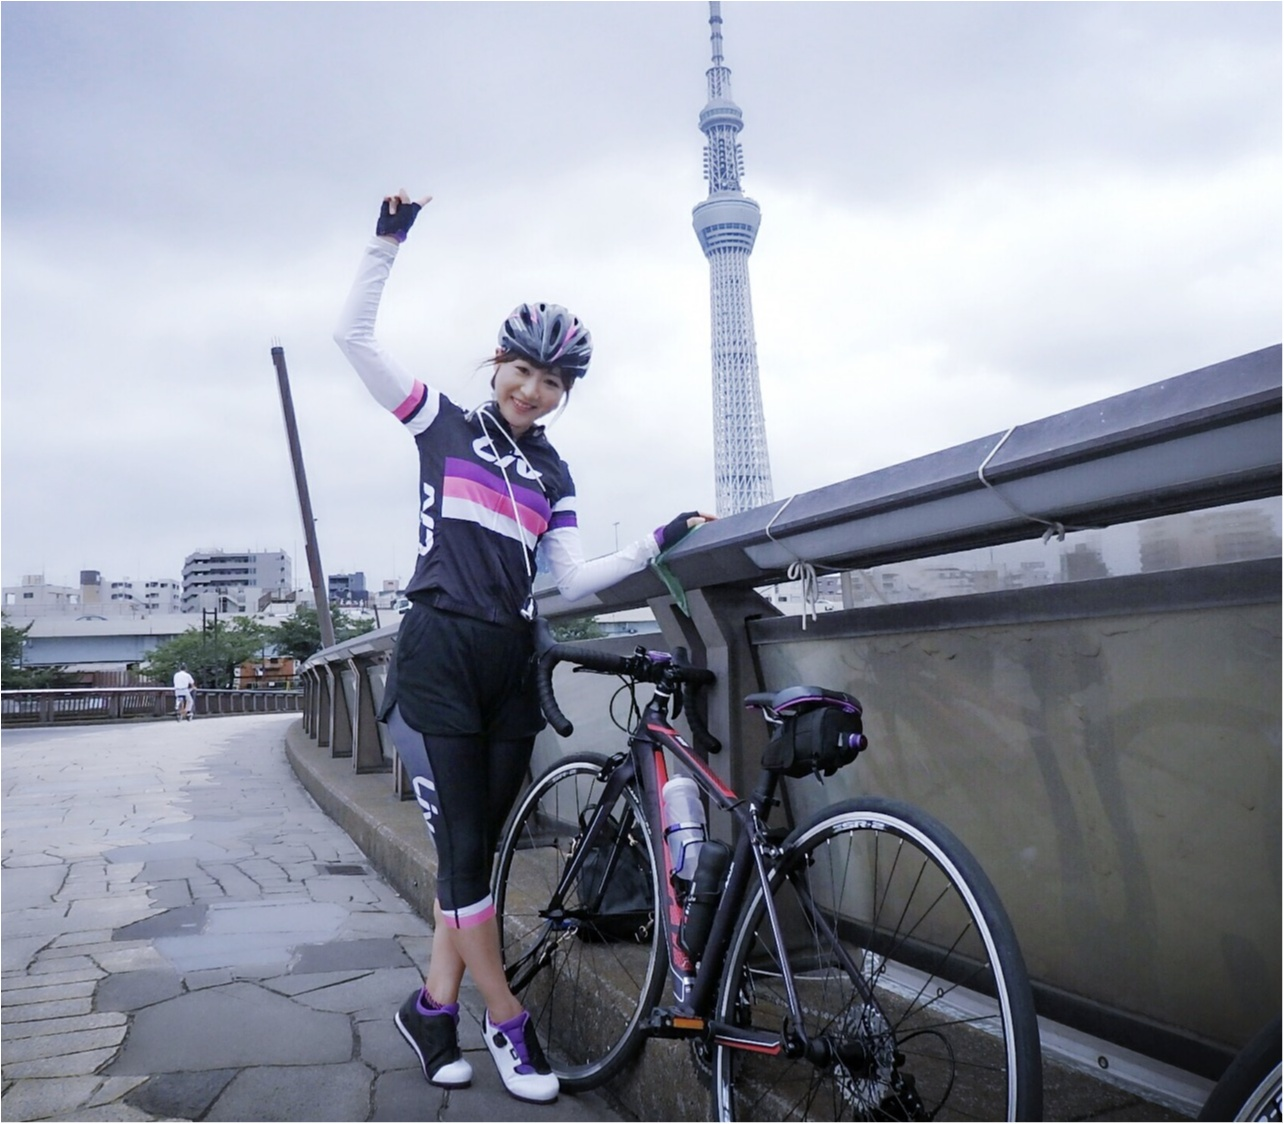 自転車で東京下町めぐり♡築地〜浅草〜東京スカイツリーまで!穴場グルメ&フォトスポットをご紹介♪ #ツール・ド・東北【#モアチャレ さえ】_4